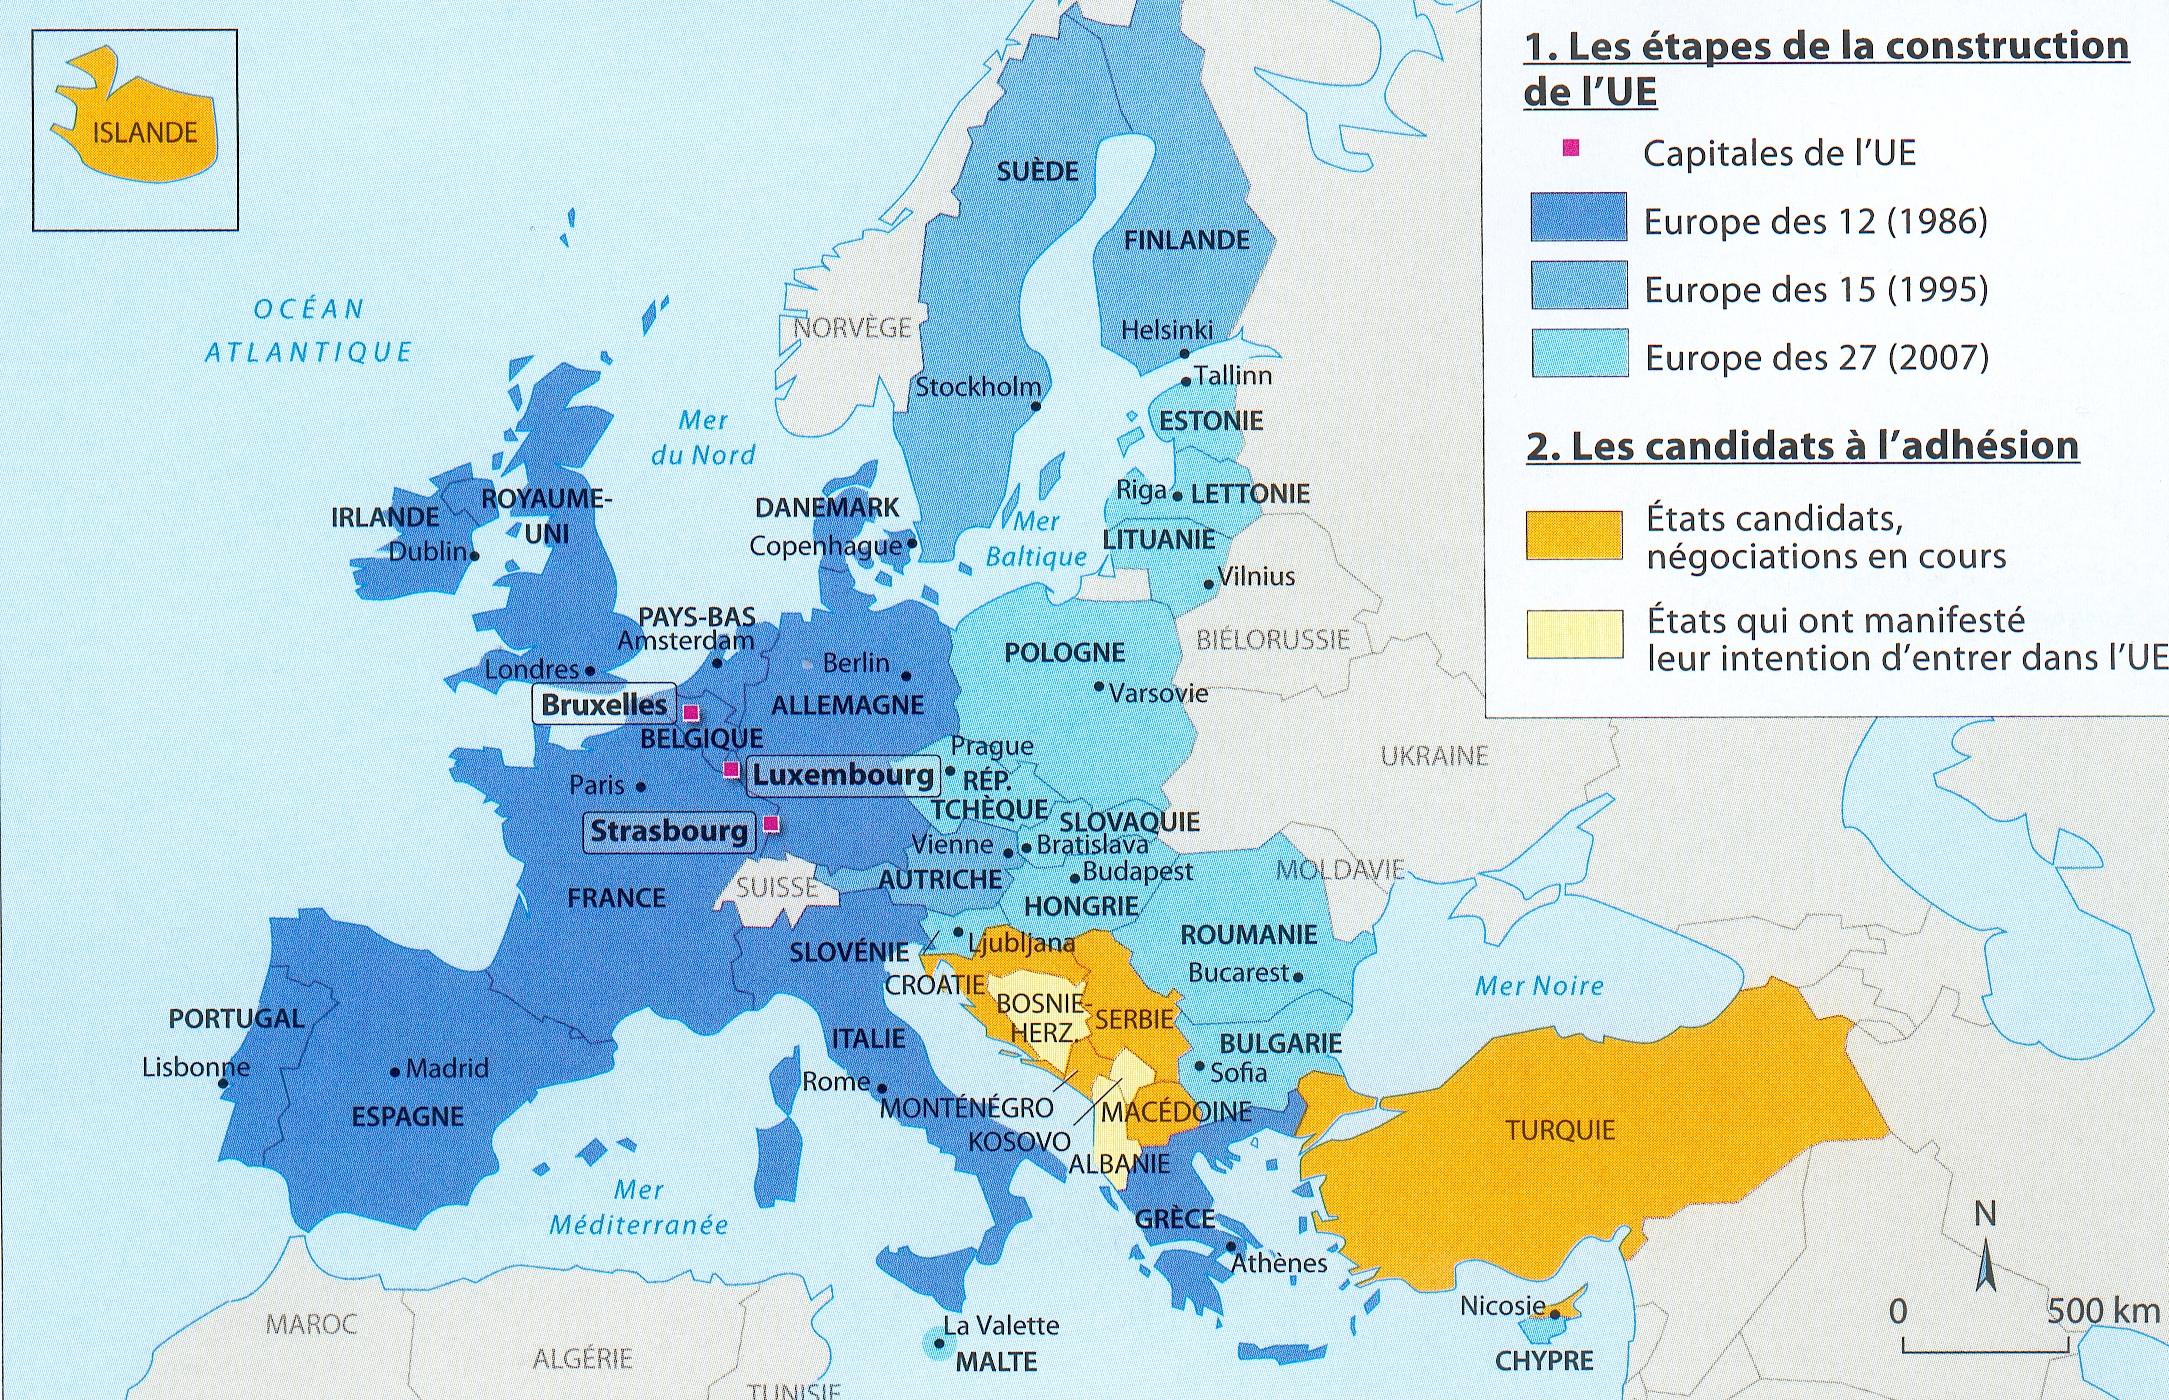 CARTE les Etats de l'Union européenne et leurs capitales1